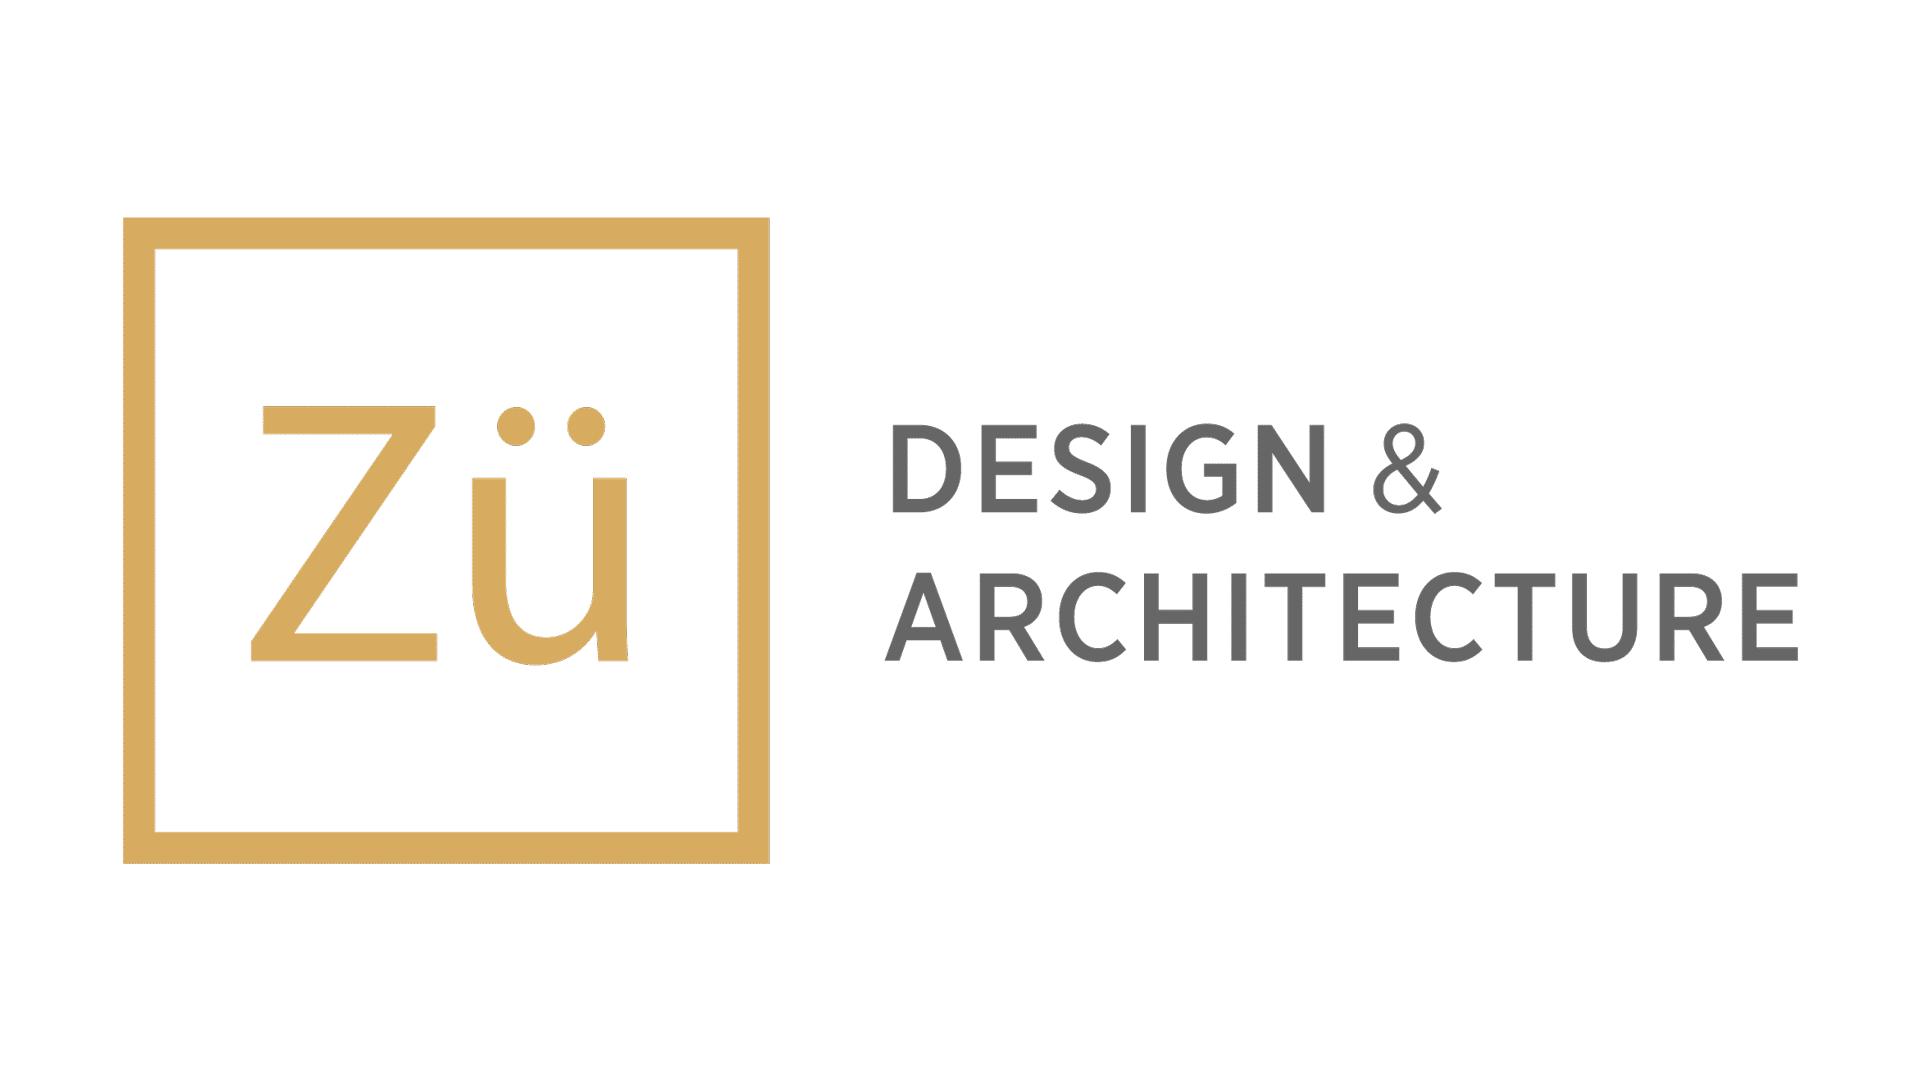 zu_dezign_logo_couleur_rgb Zu Design & Architecture - Site